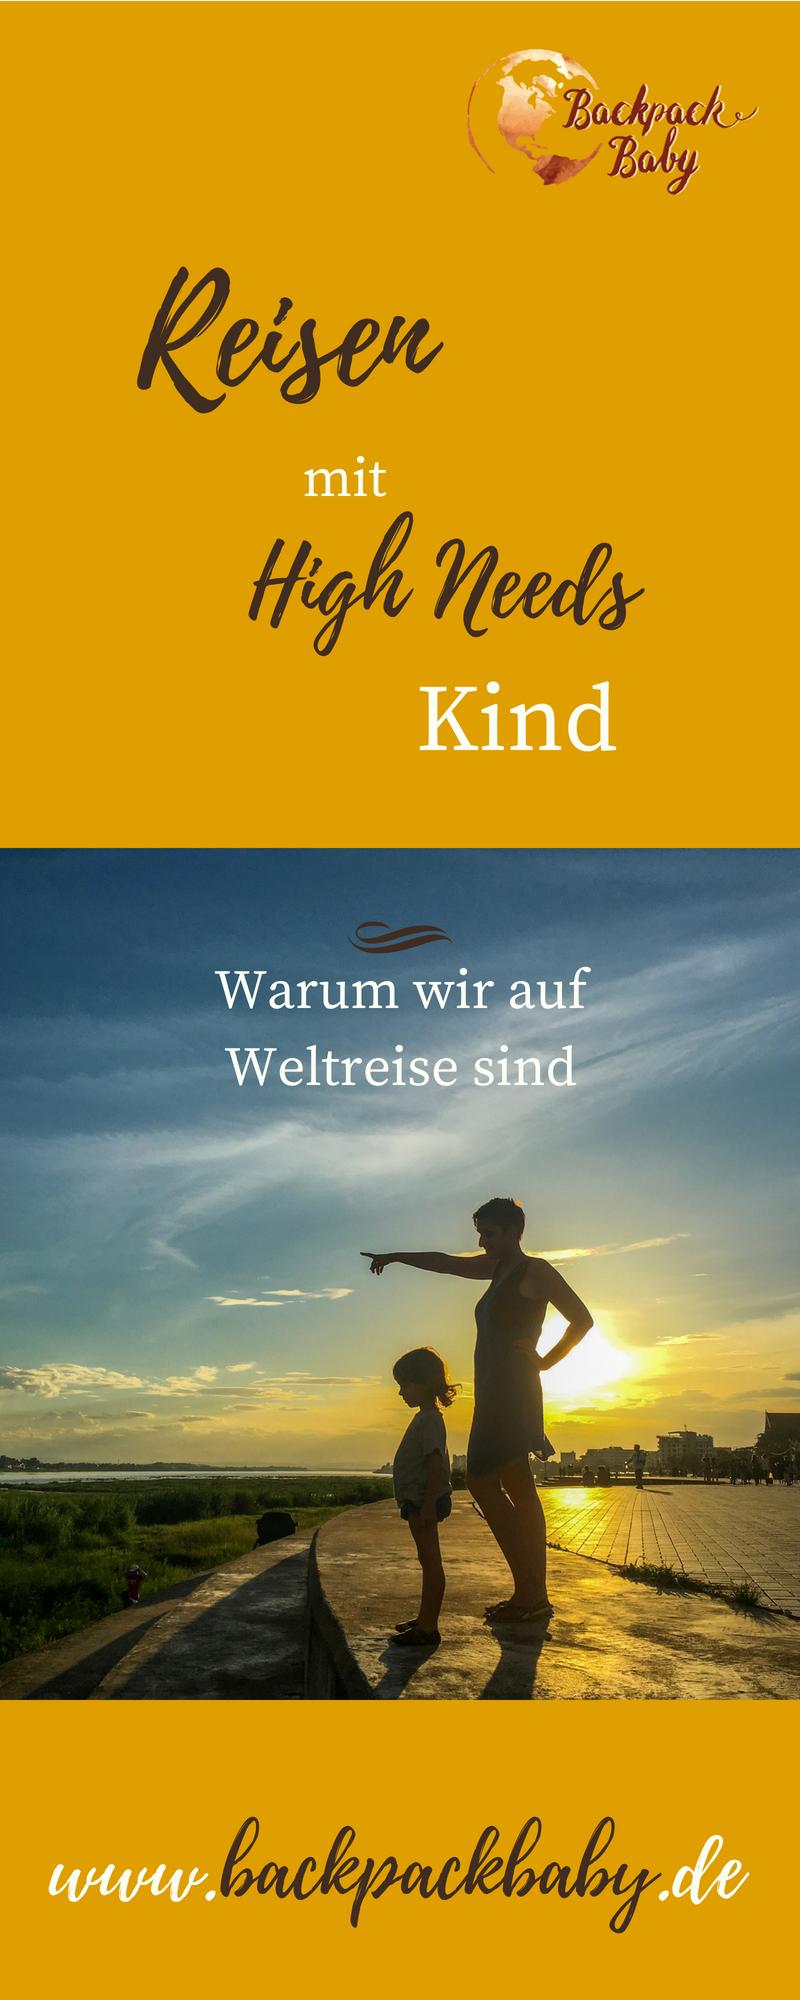 Reisen Mit High Needs Kind Weltreise Mit Kind Reisen Weltreise